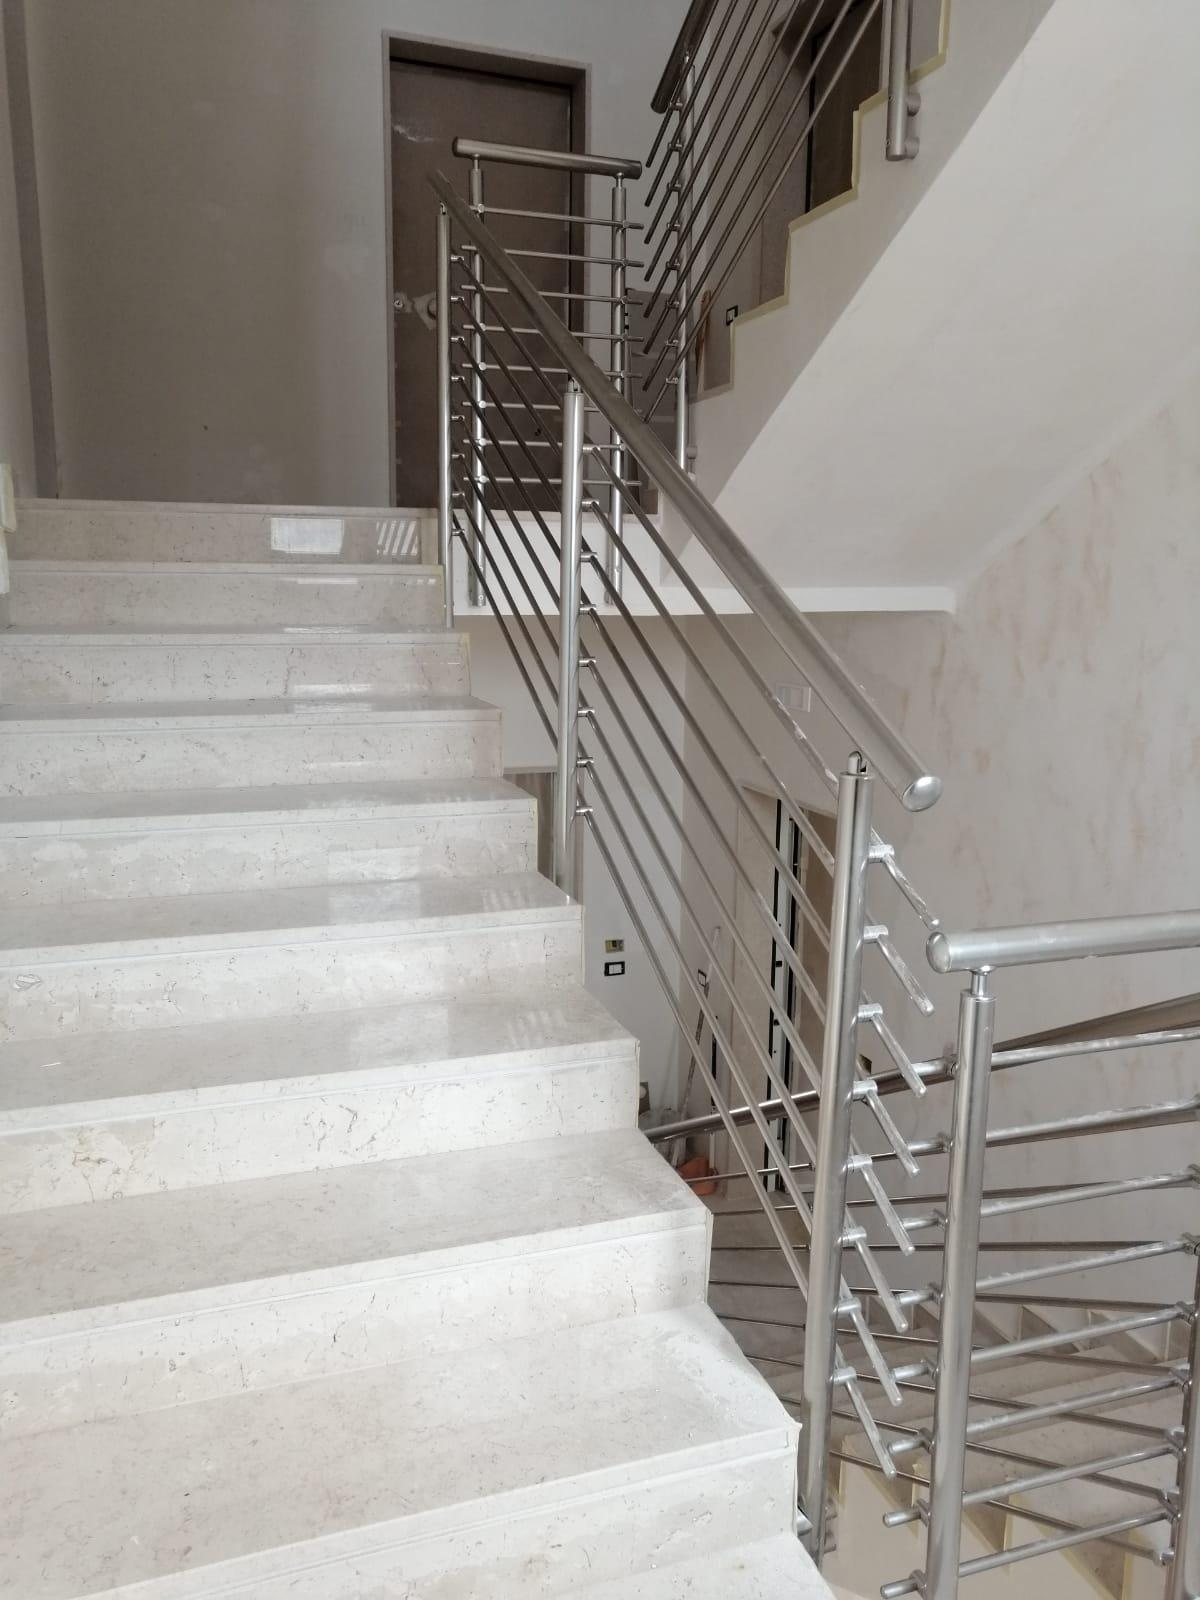 Ringhiera per scale interne condominio - Bari, Brindisi e in Puglia. - 2